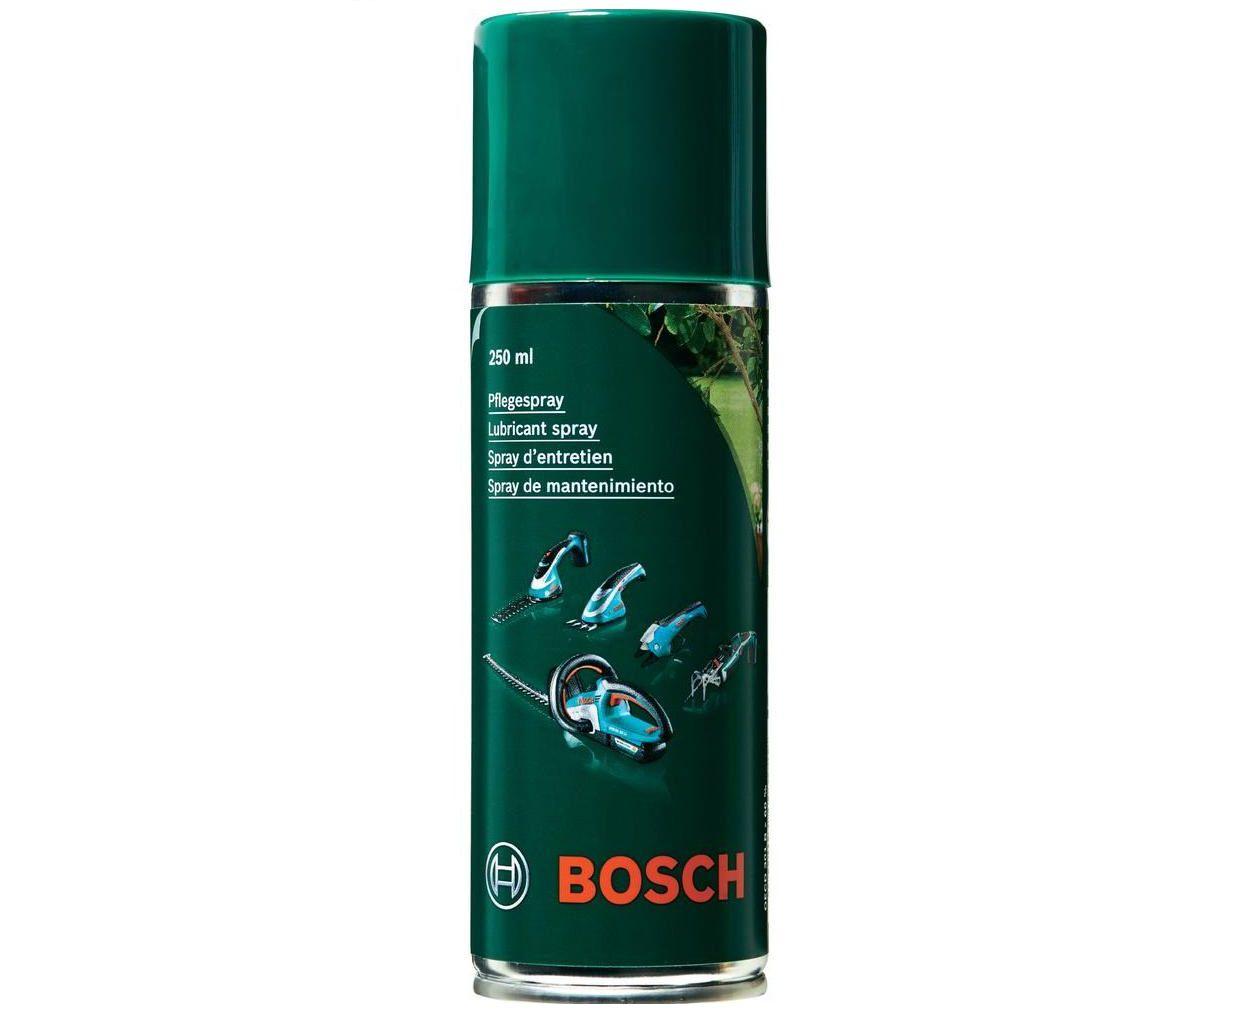 Bosch konzervační sprej na čepele zahradního nářadí Bosch příslušenství